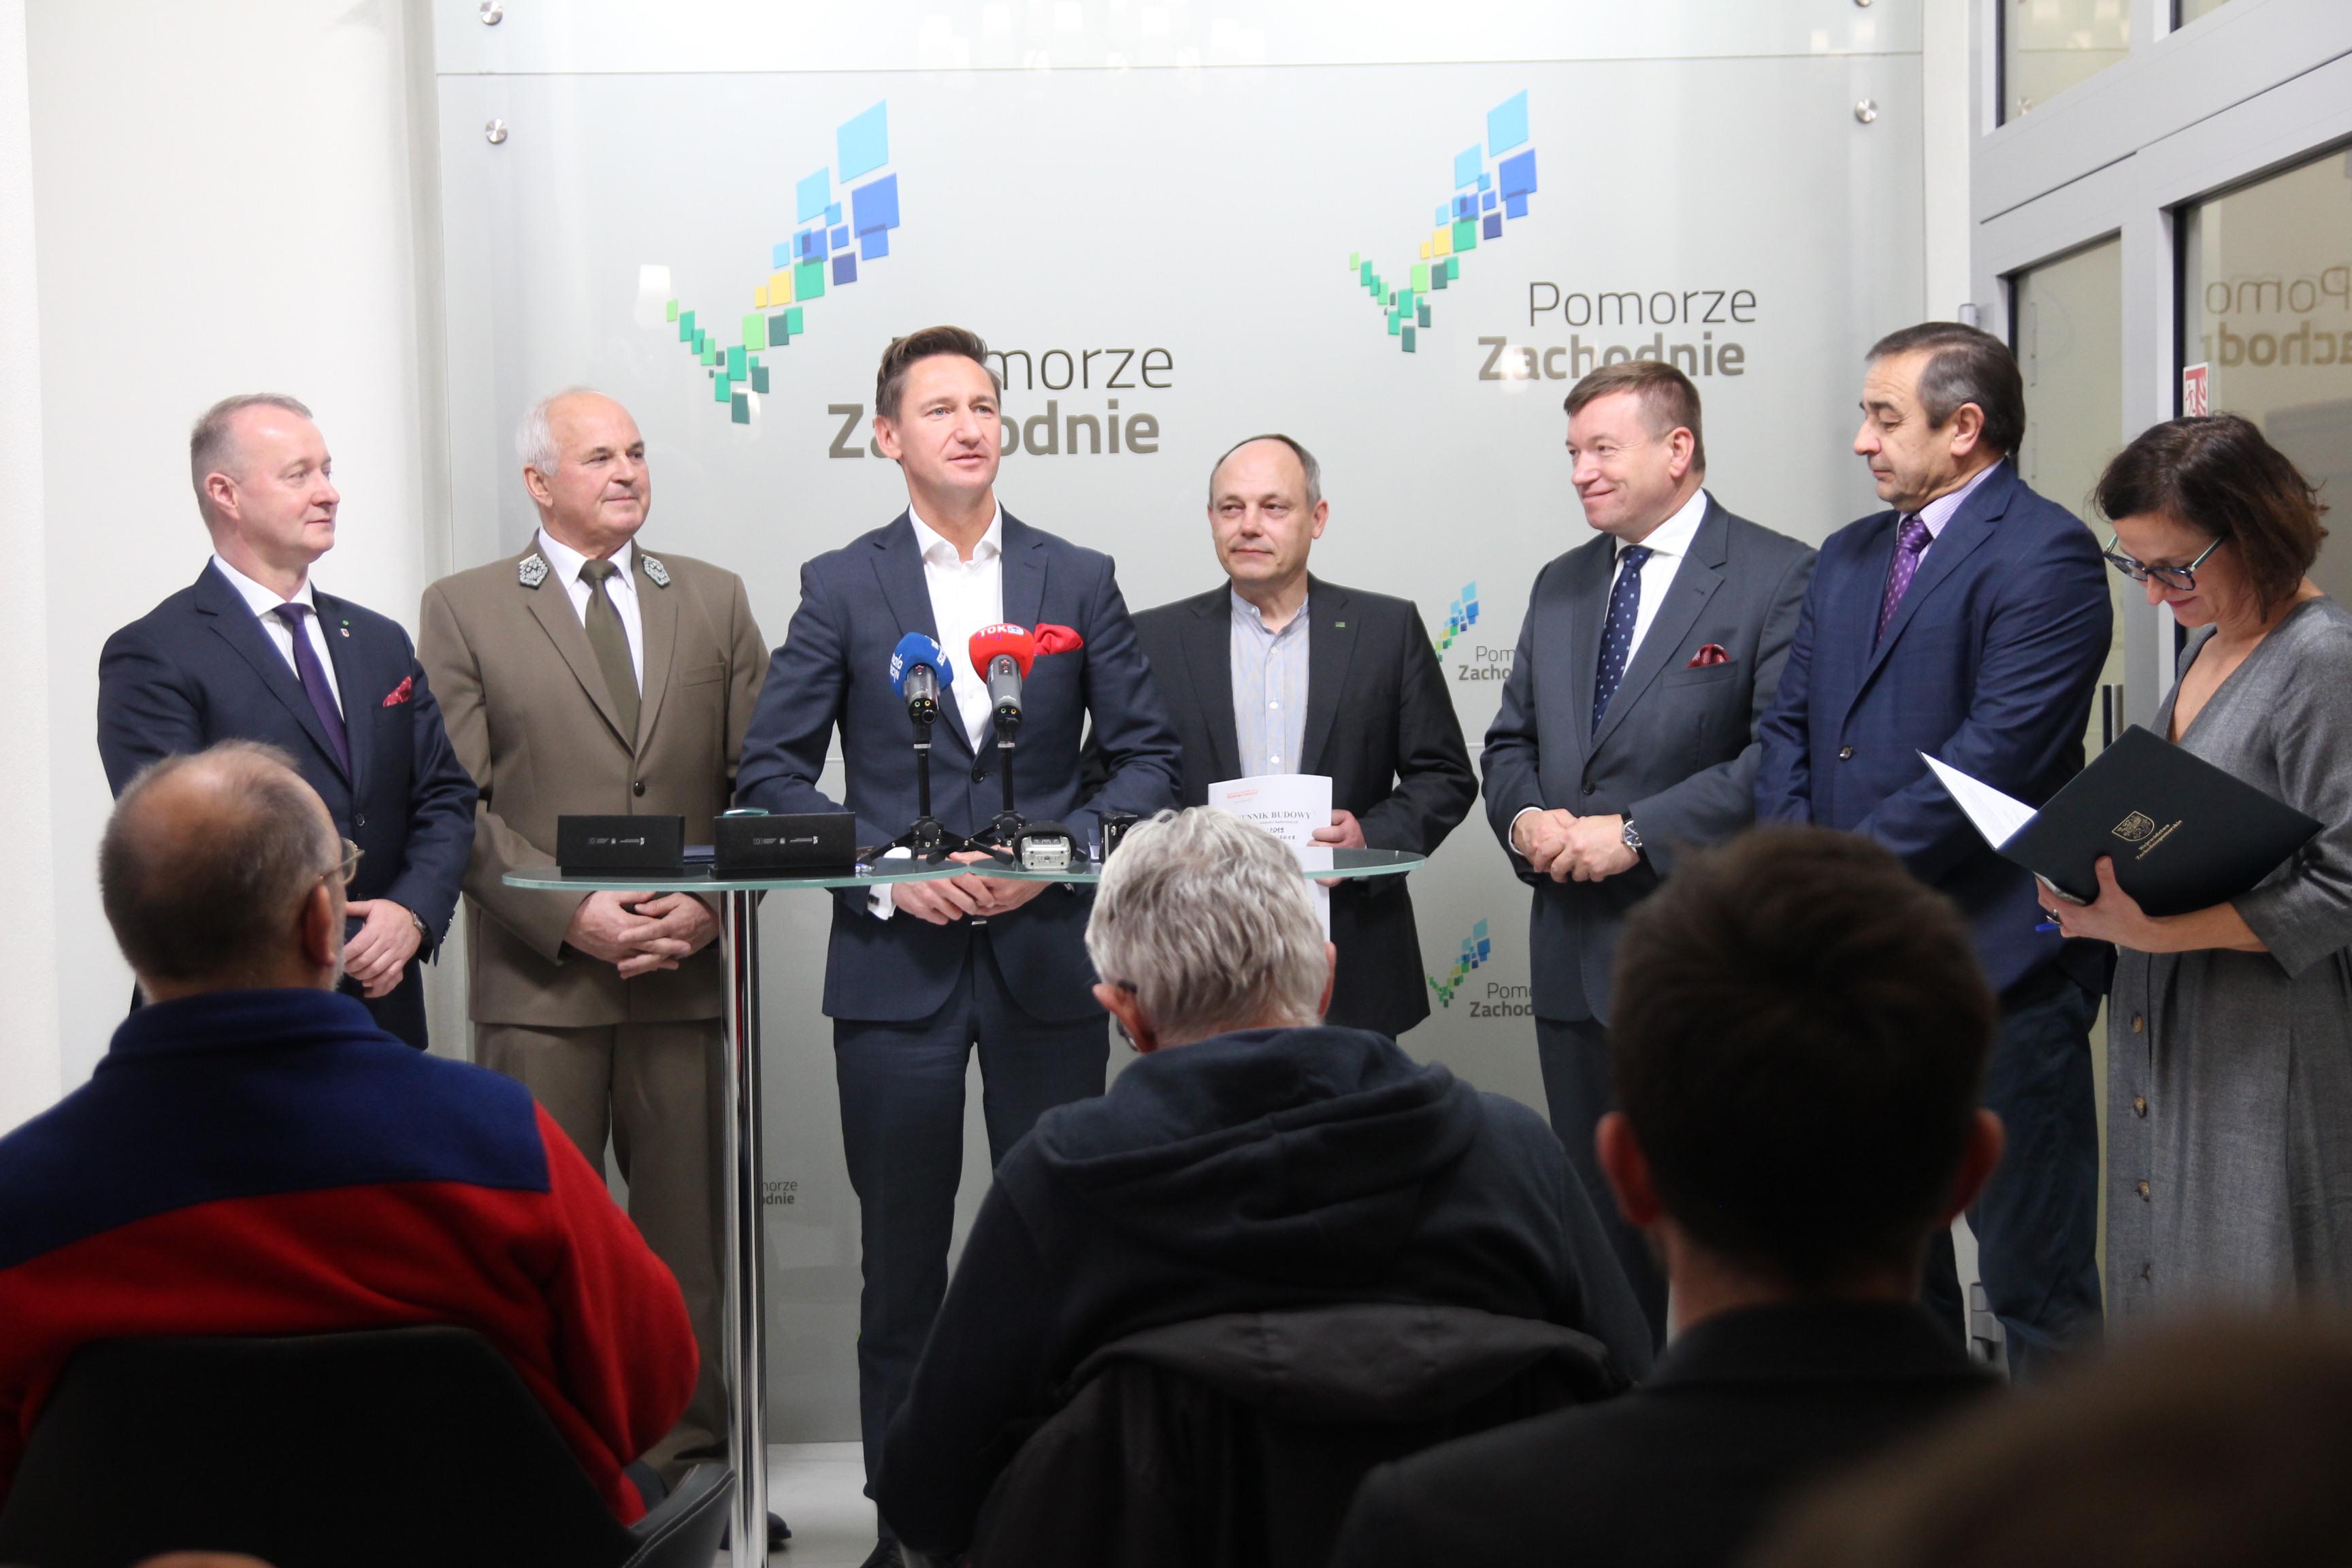 Uroczystość podpisania umowy z wykonawcą(fot. UMWZ)